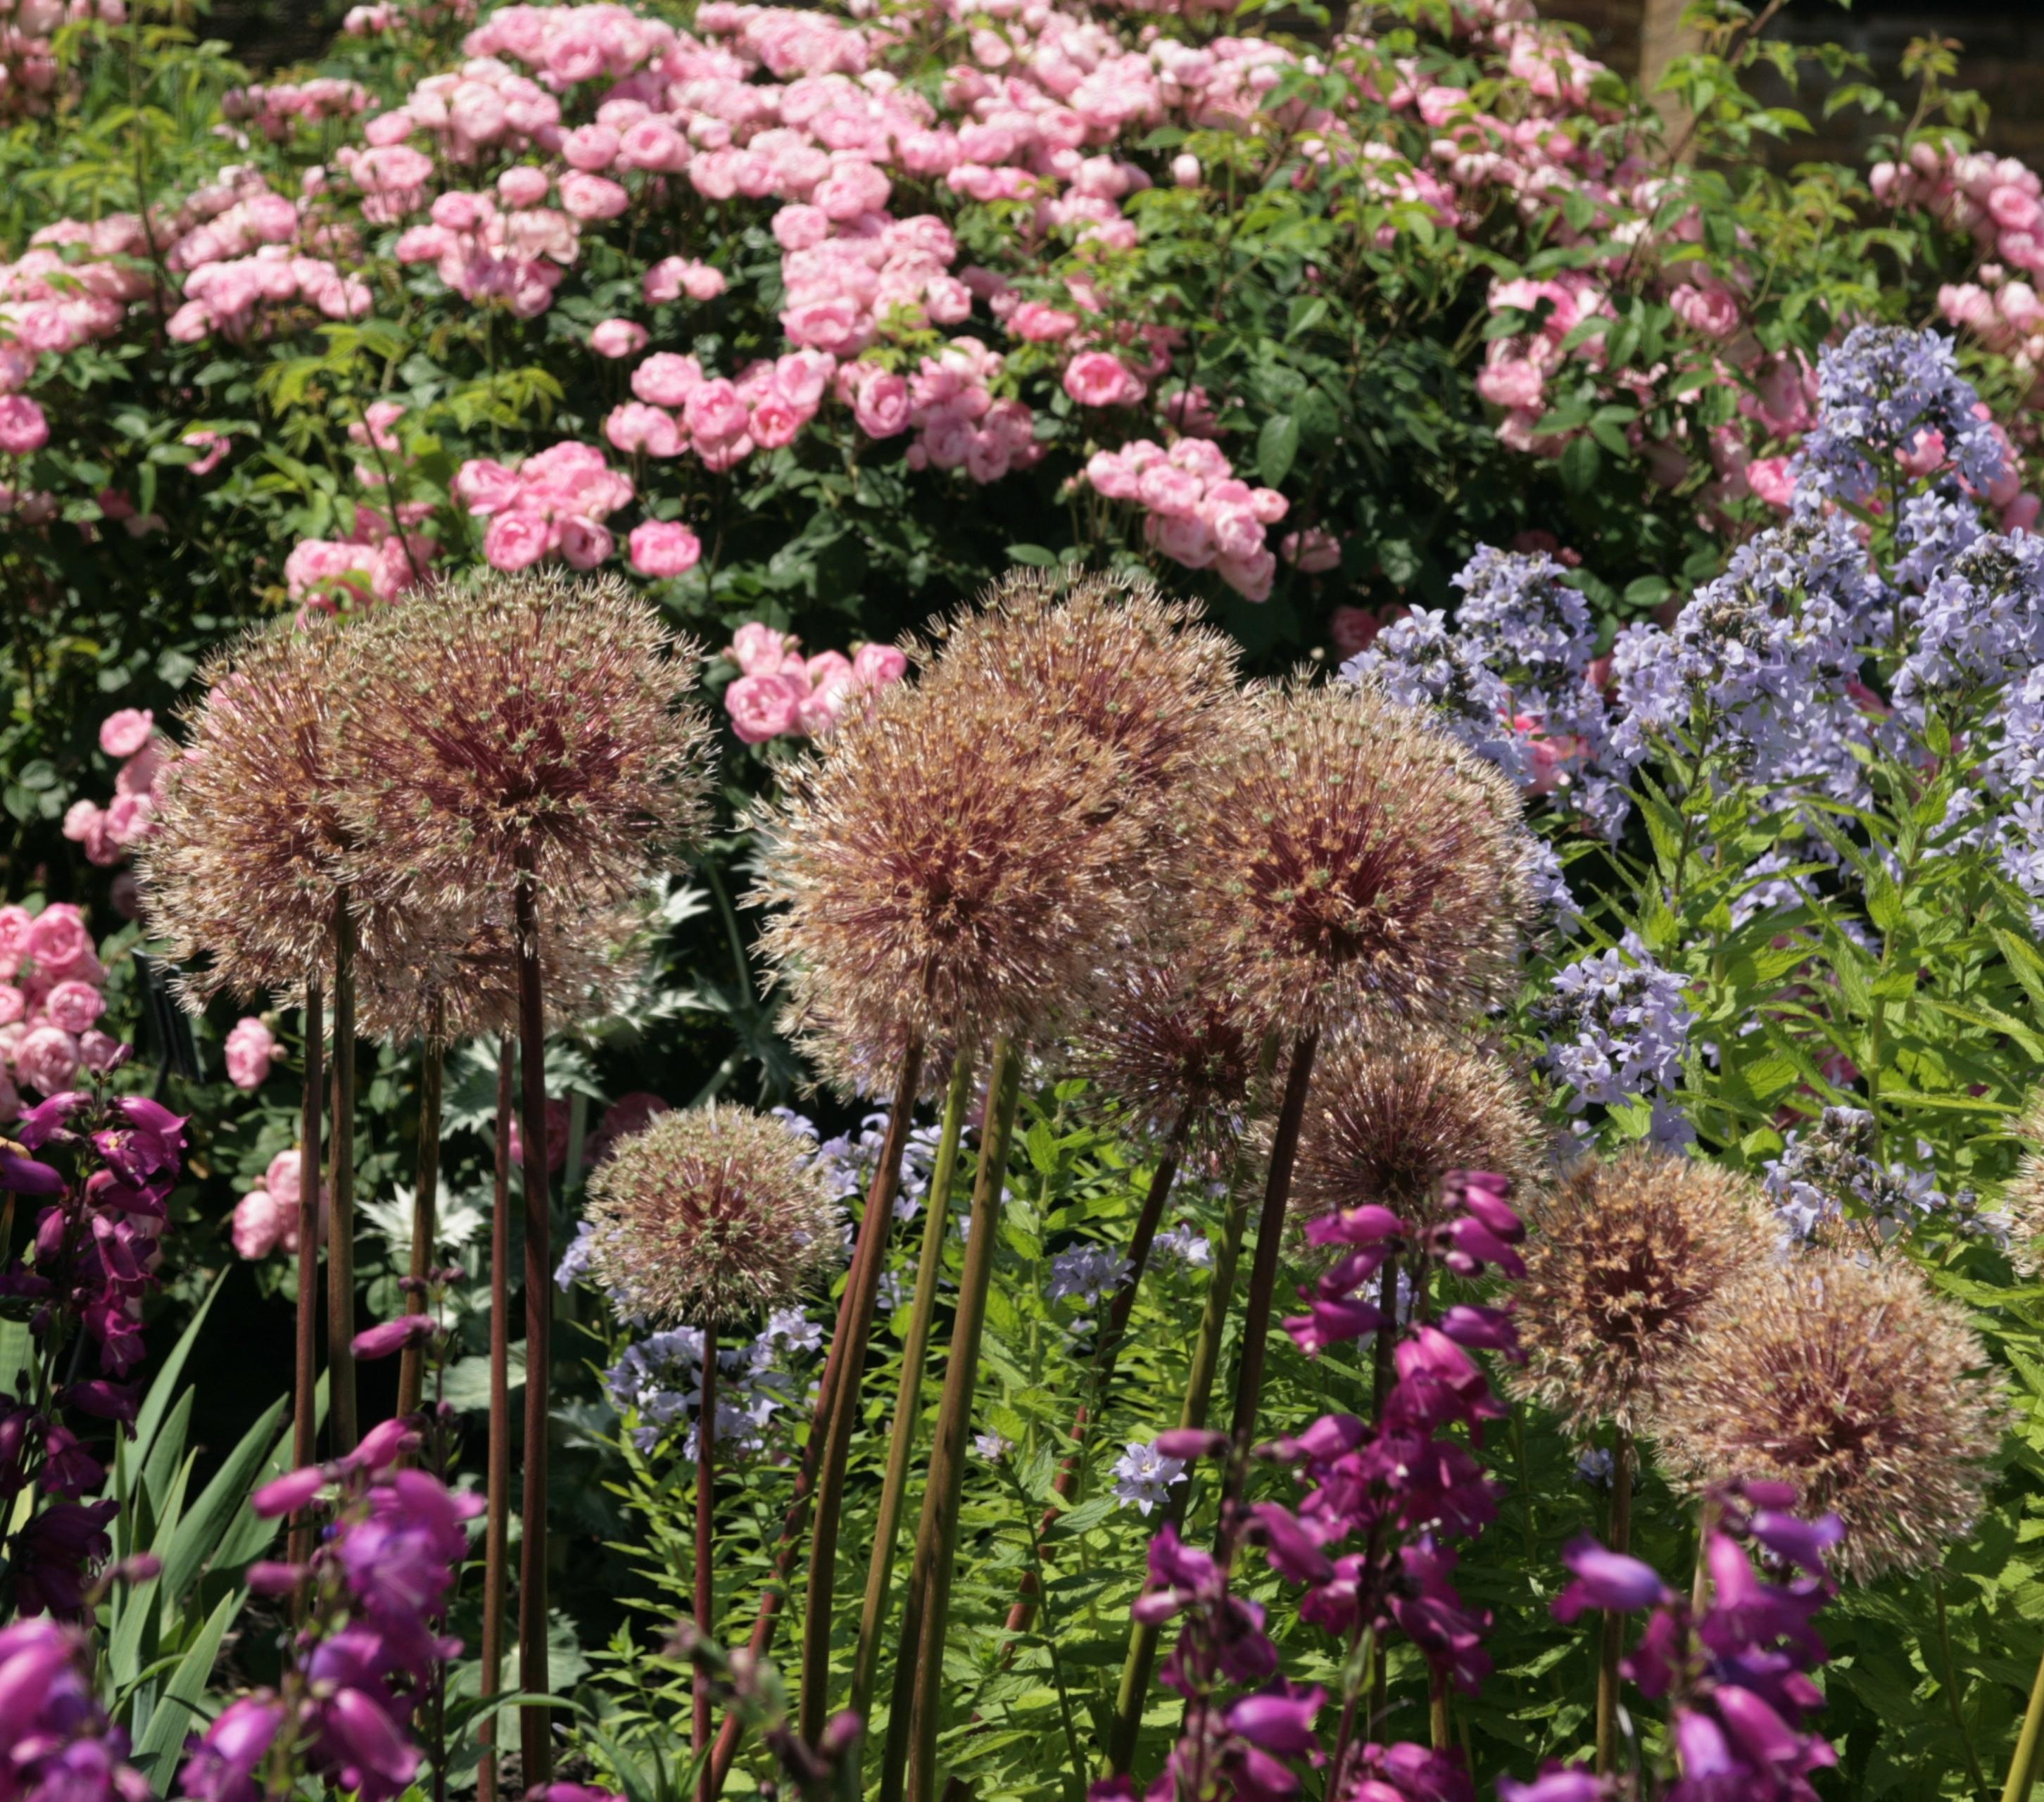 ail d'ornement: faut-il couper les fleurs fanées?